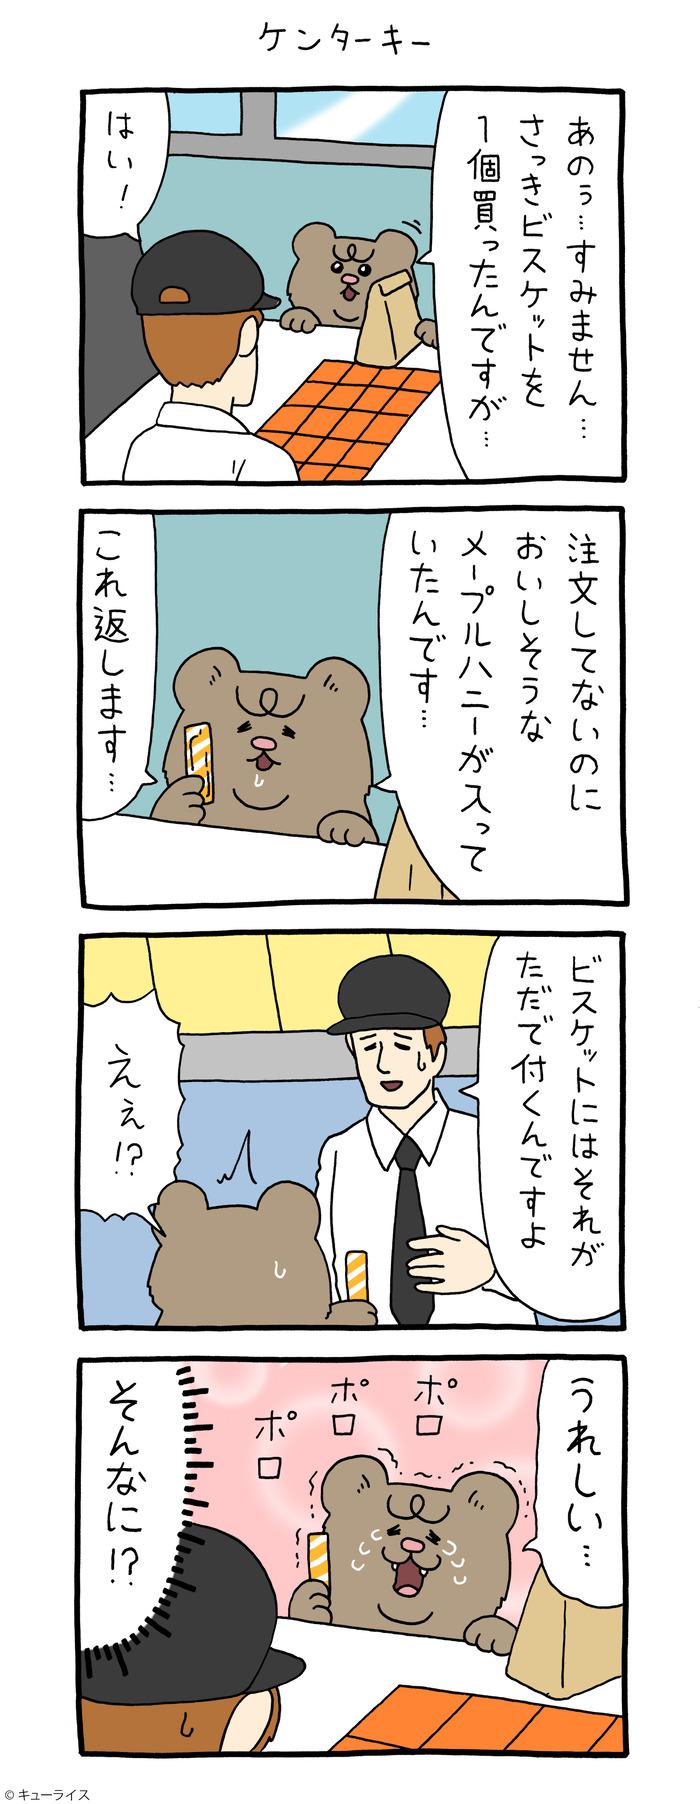 悲熊 ケンターキー1 のコピー